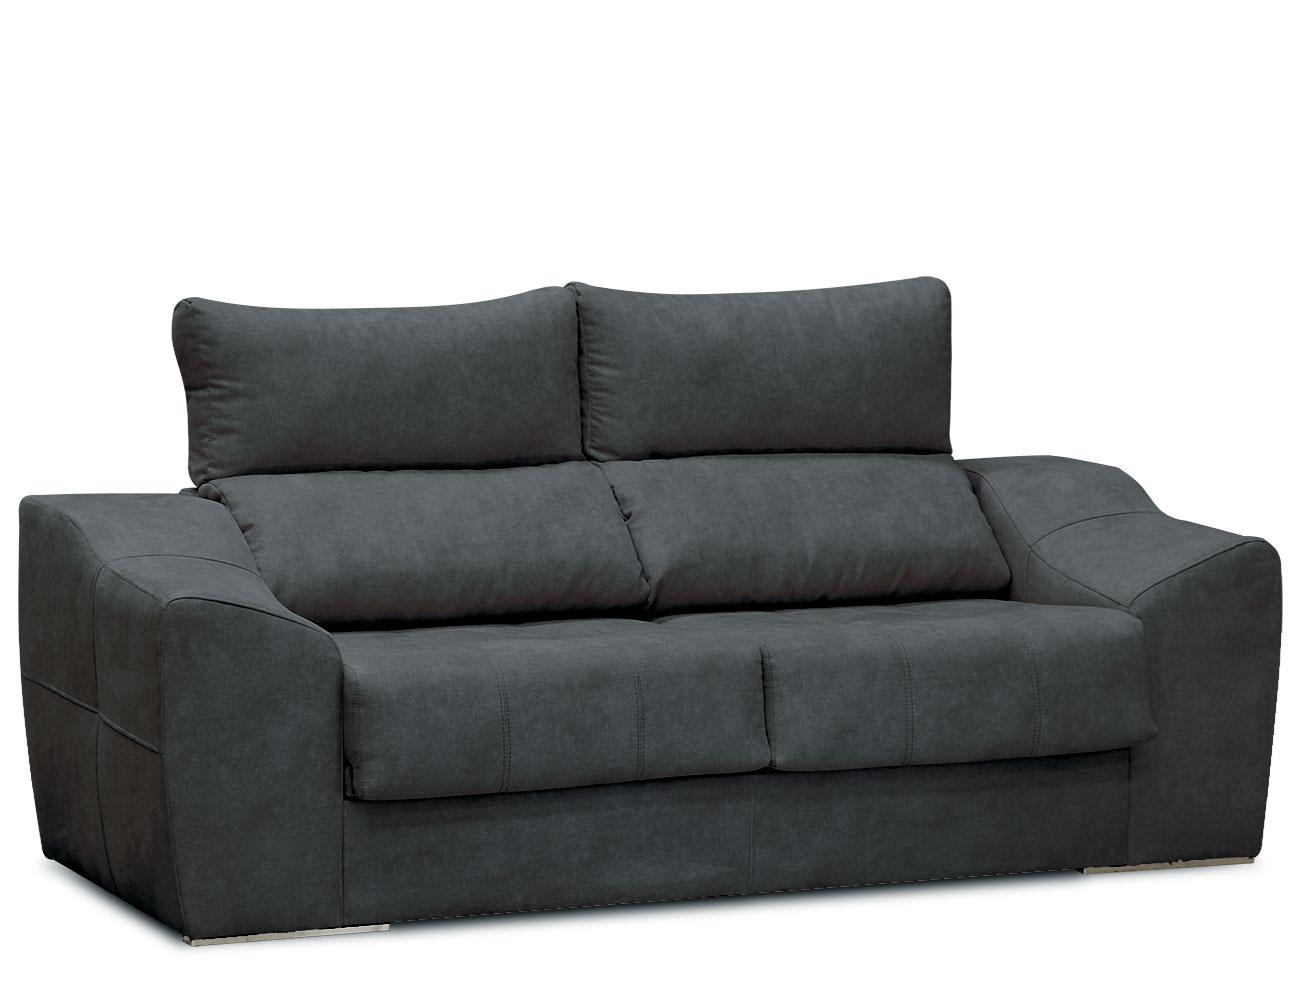 Sofa 3 plazas asientos delizantes calidad allegra21 11